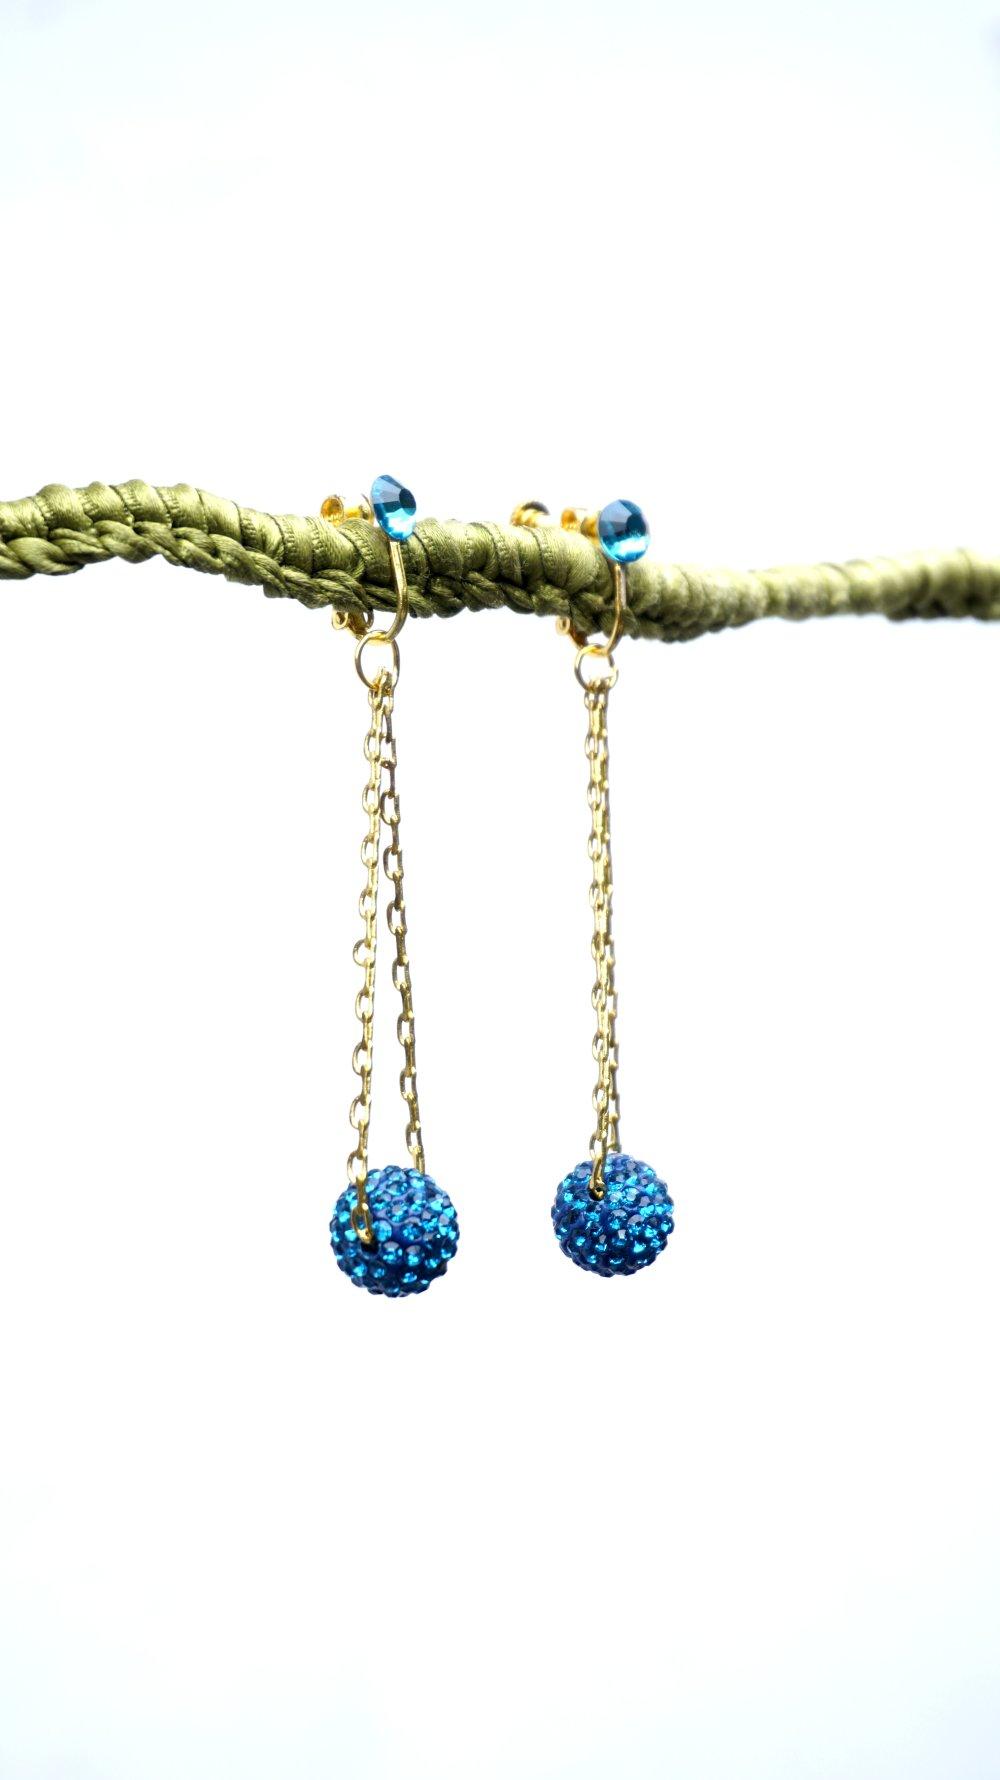 CLIPS Boucles d'oreilles CLIPS bleu canard & doré Boucles d'oreilles Cristal Strass chainette doré Bijoux Création française